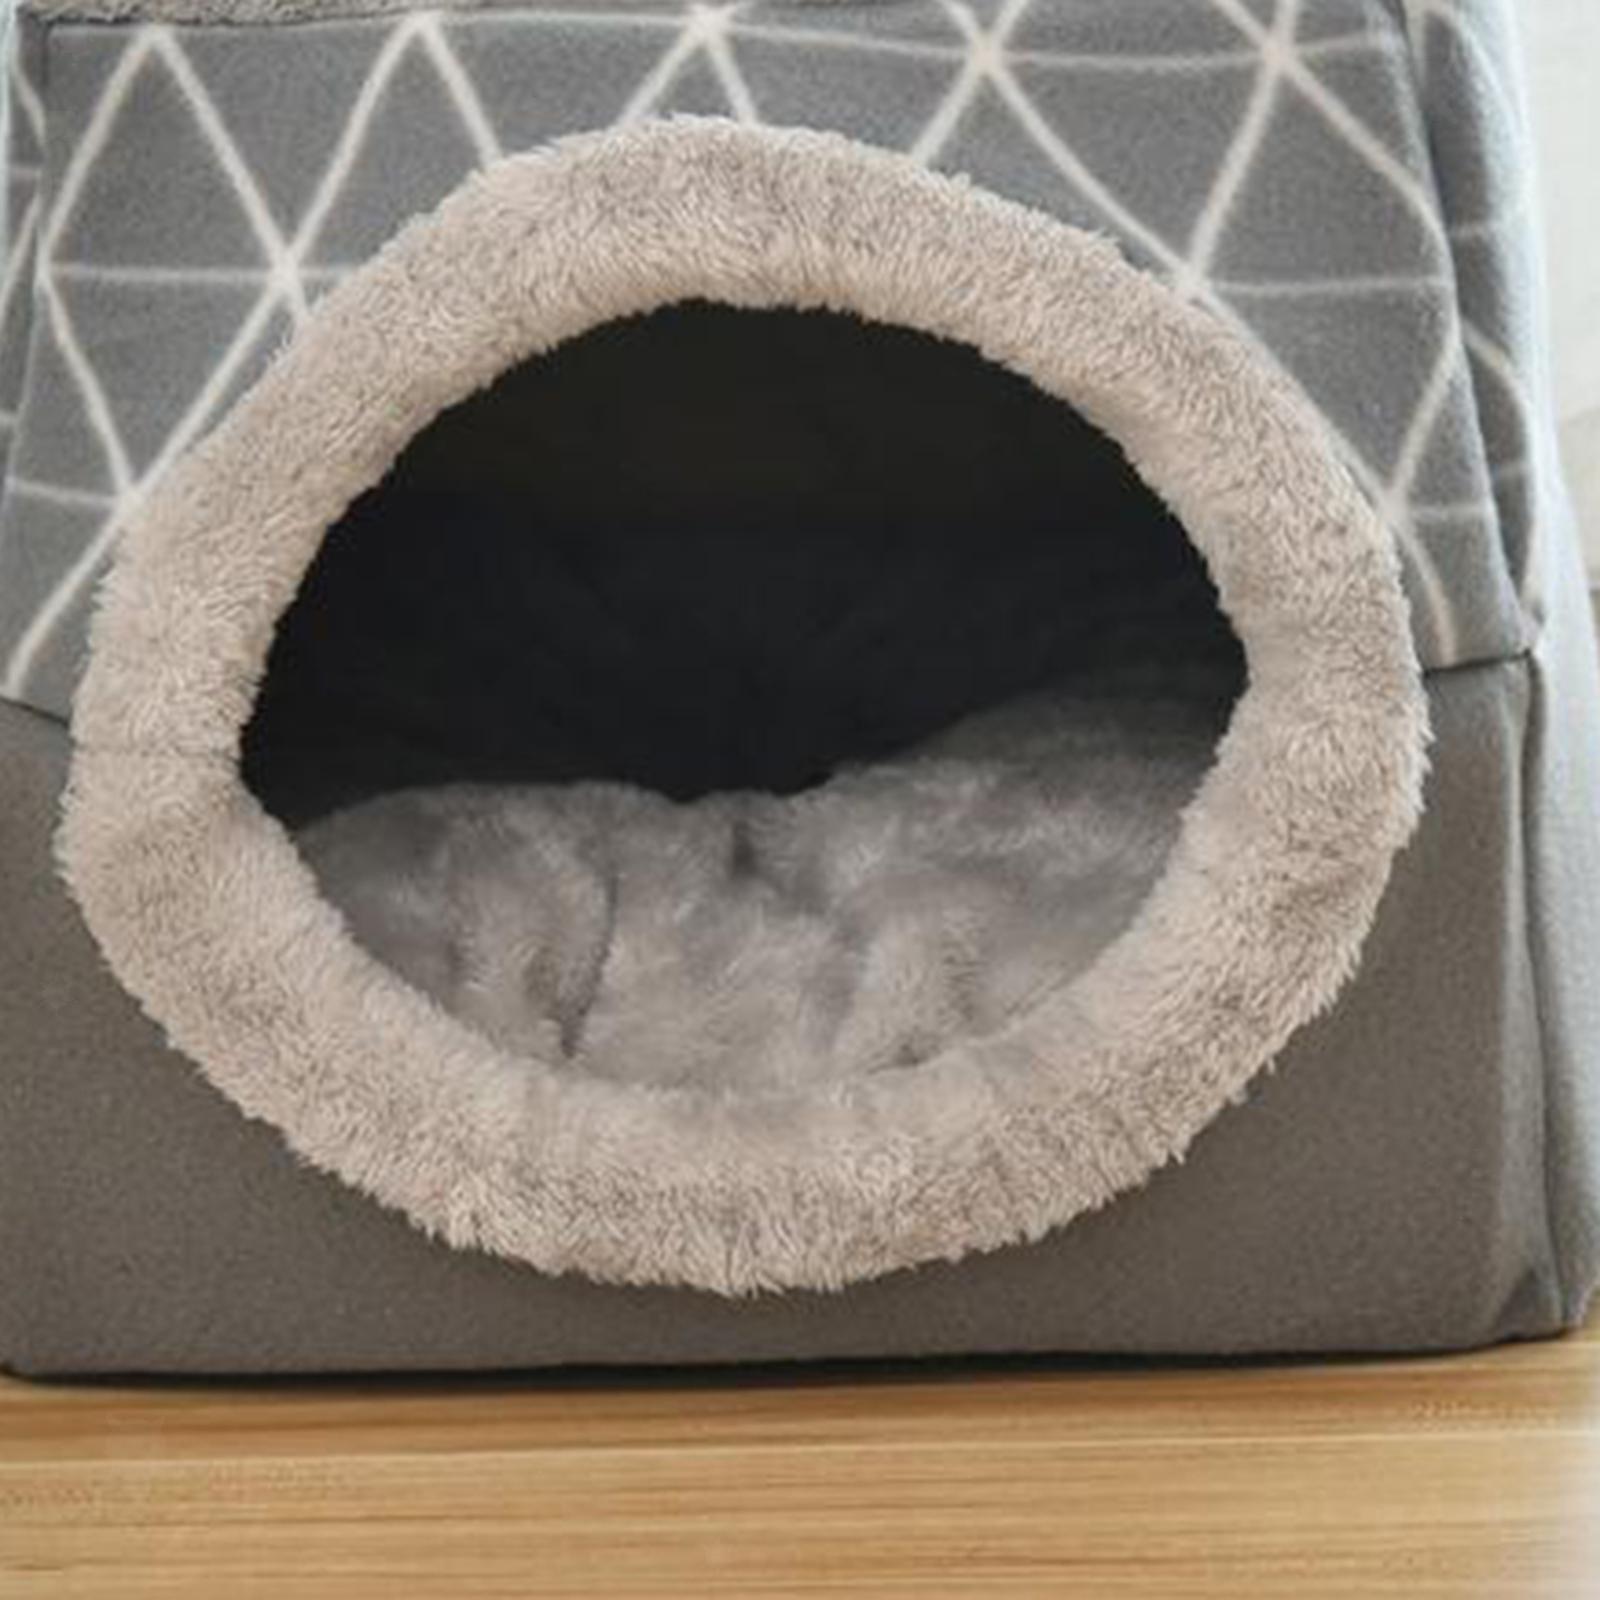 Indexbild 8 - 2-in-1-Weichen-Katzen-Haus-Schlafen-Bett-Zwinger-Puppy-Cave-Warme-Nest-Matte